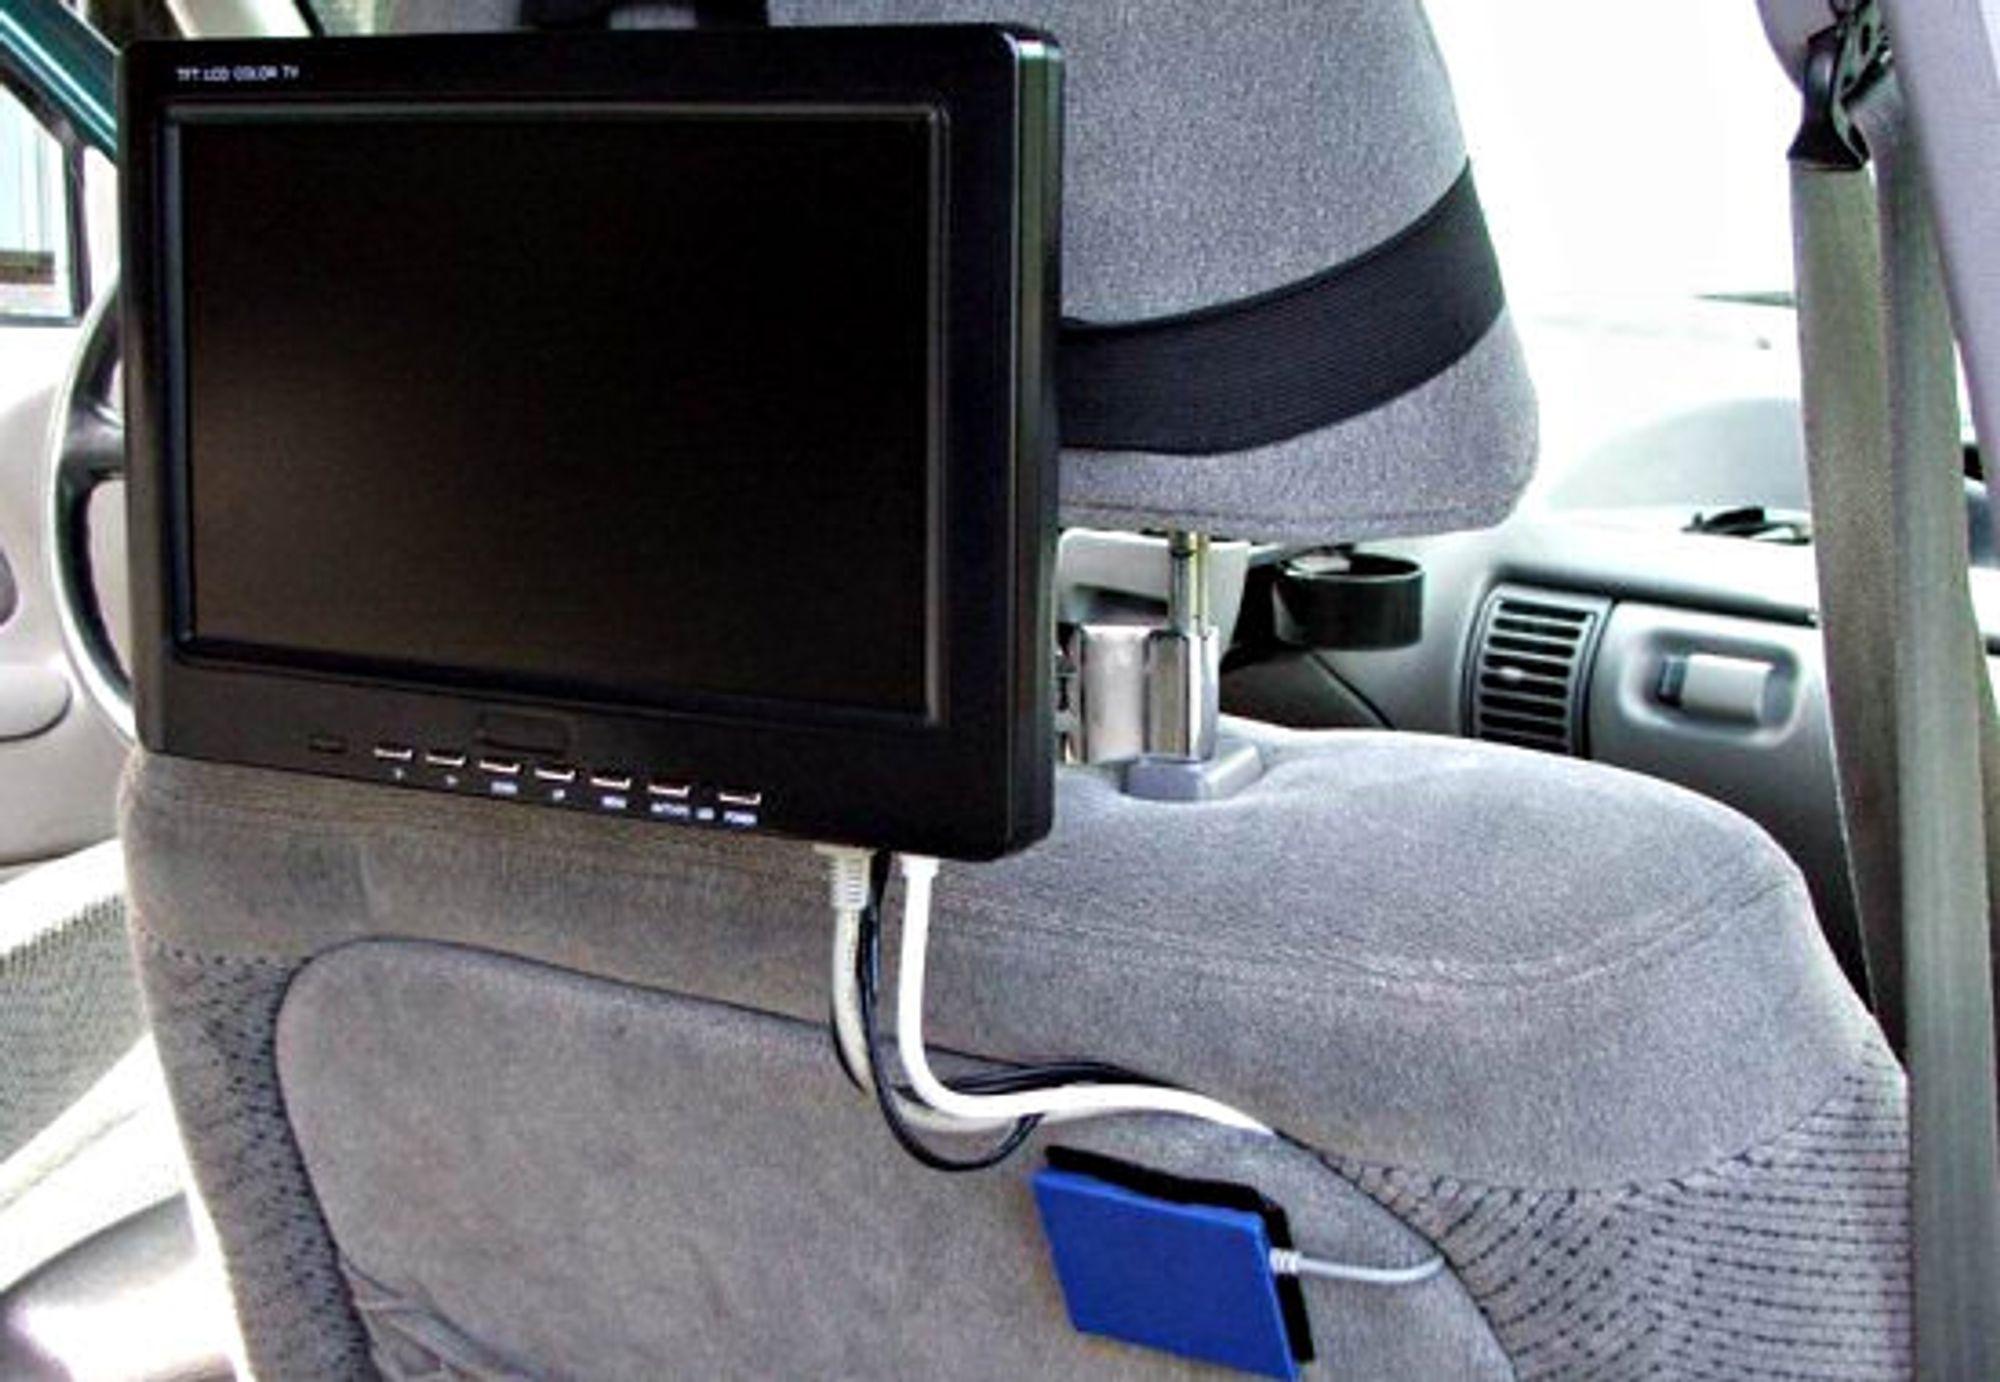 Nå skal bil-PC-en monteres!